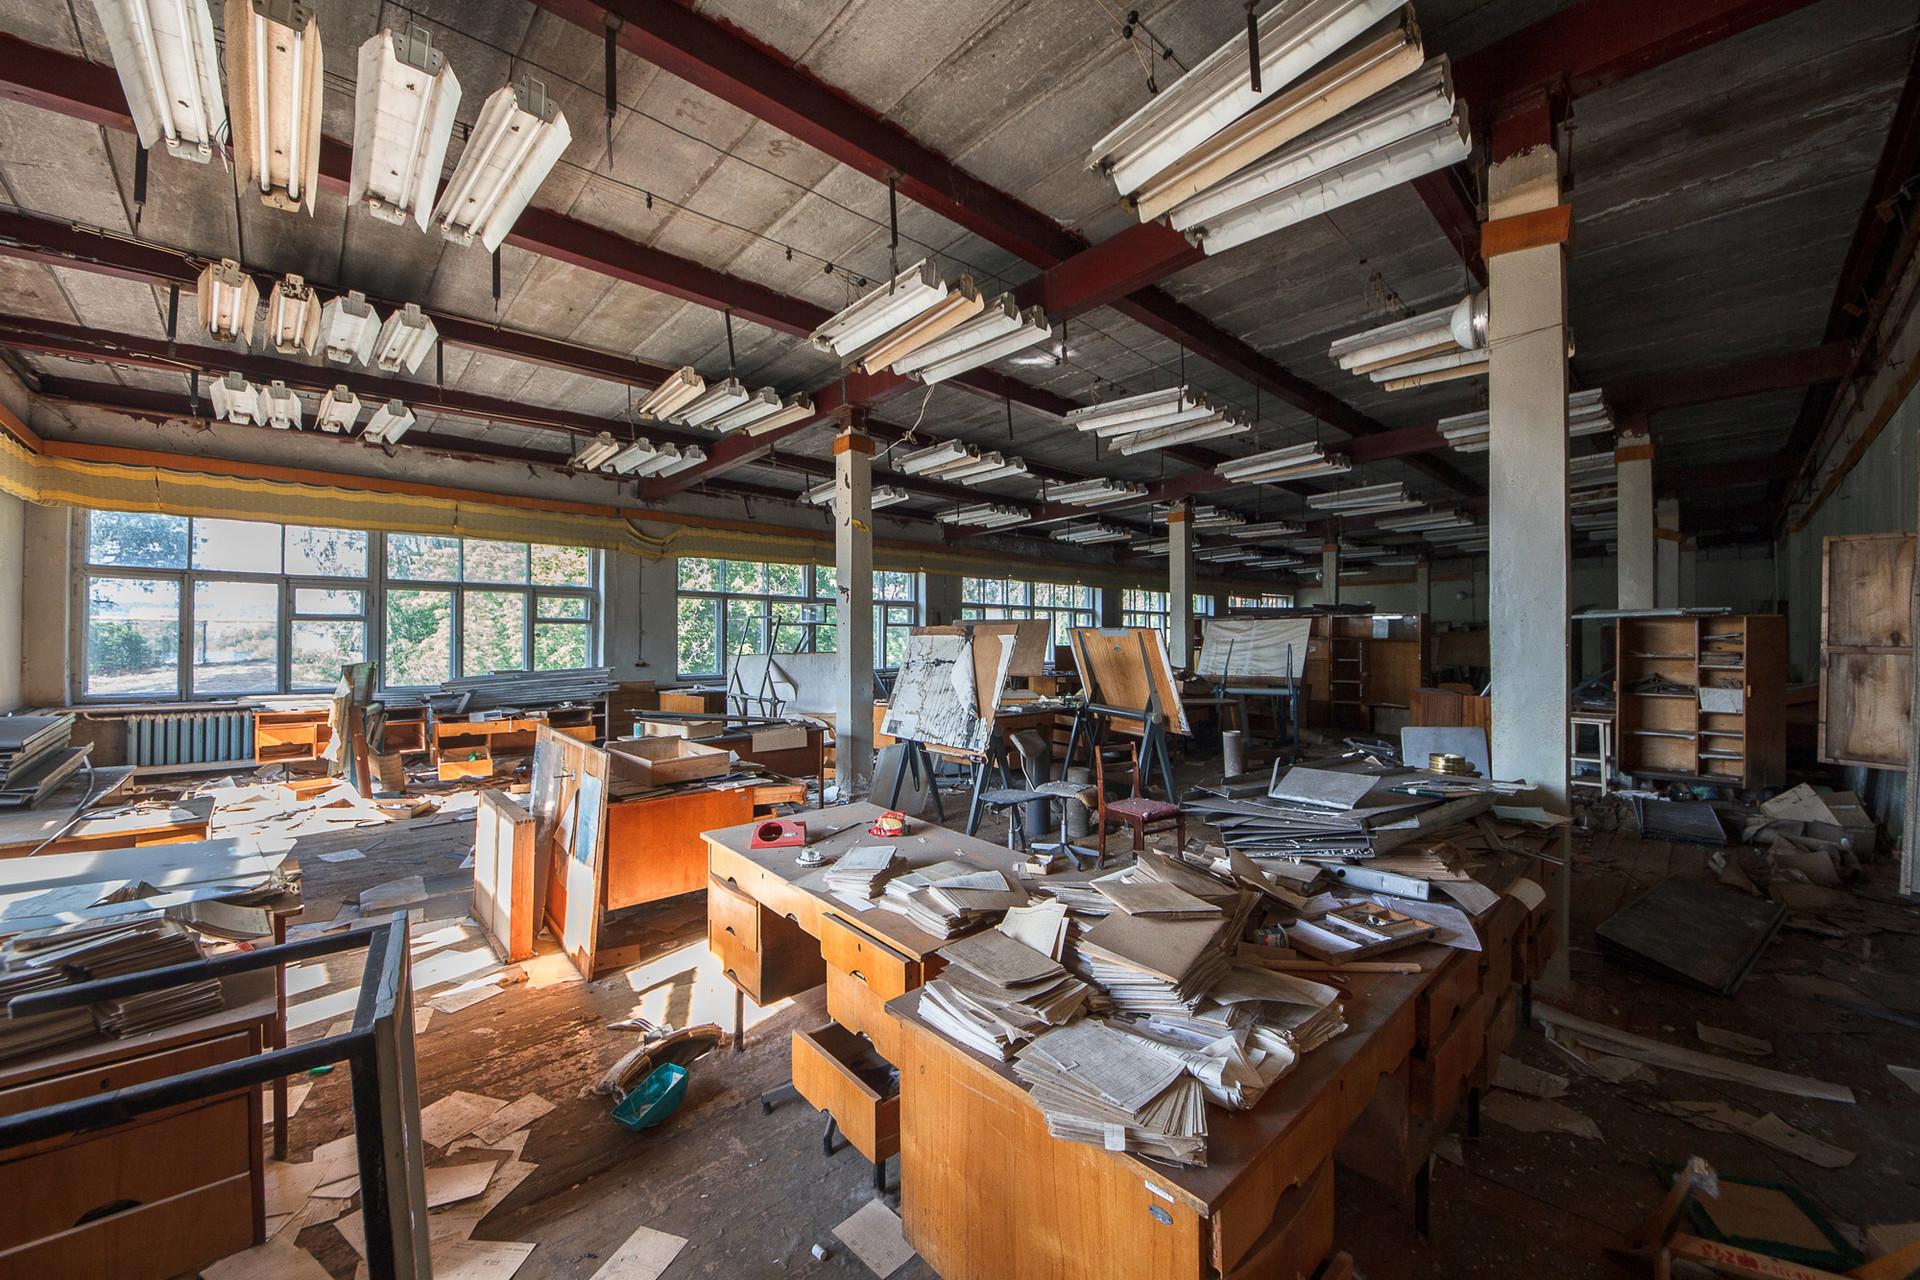 Bureau de design désaffecté, usine IjMach. Des motos légendaires ont été développées ici de 1929 à 2008.